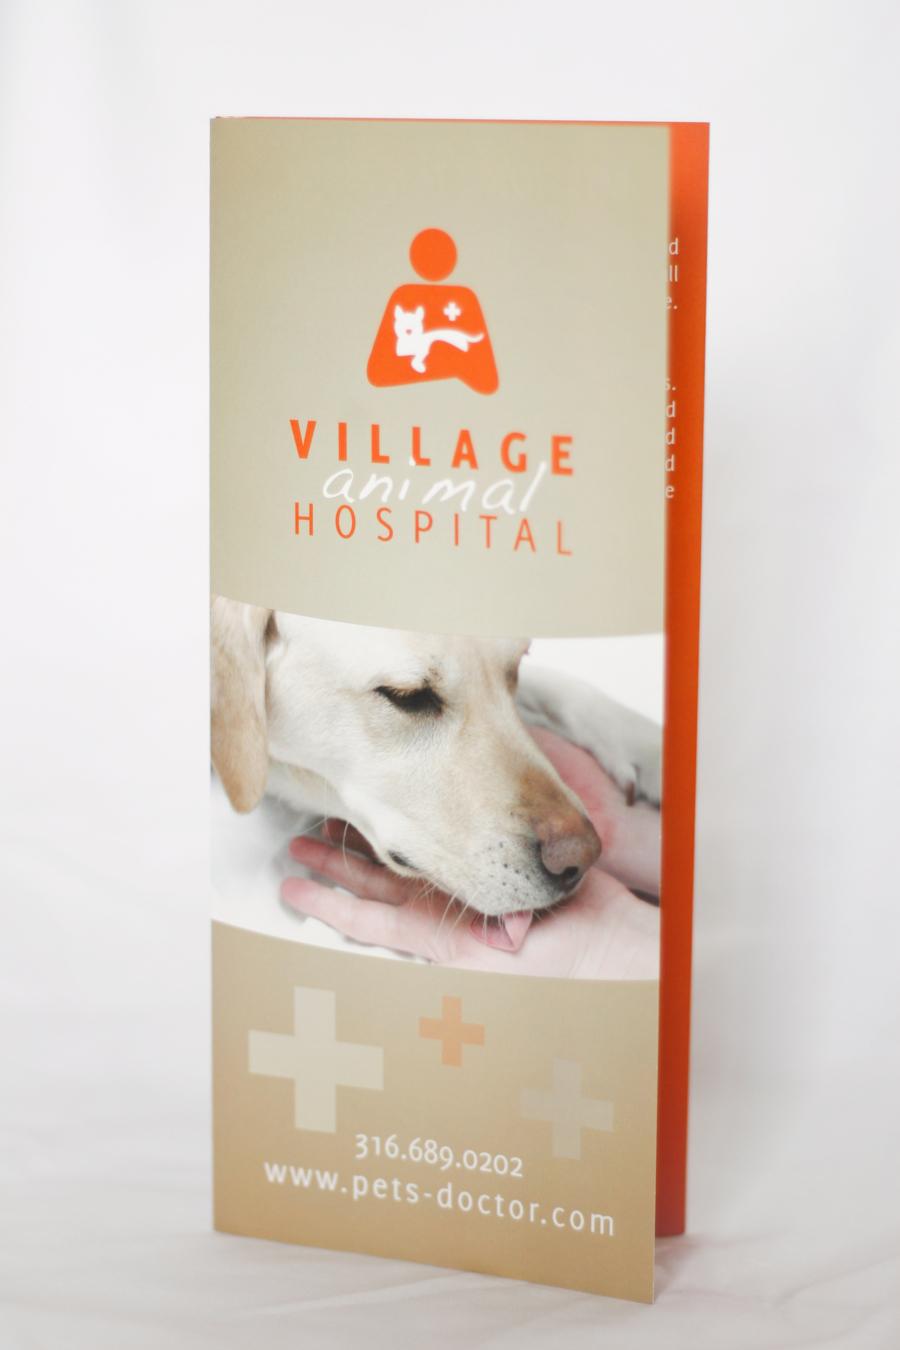 Village Animal Hospital Brochure © Barrett Morgan Design LLC